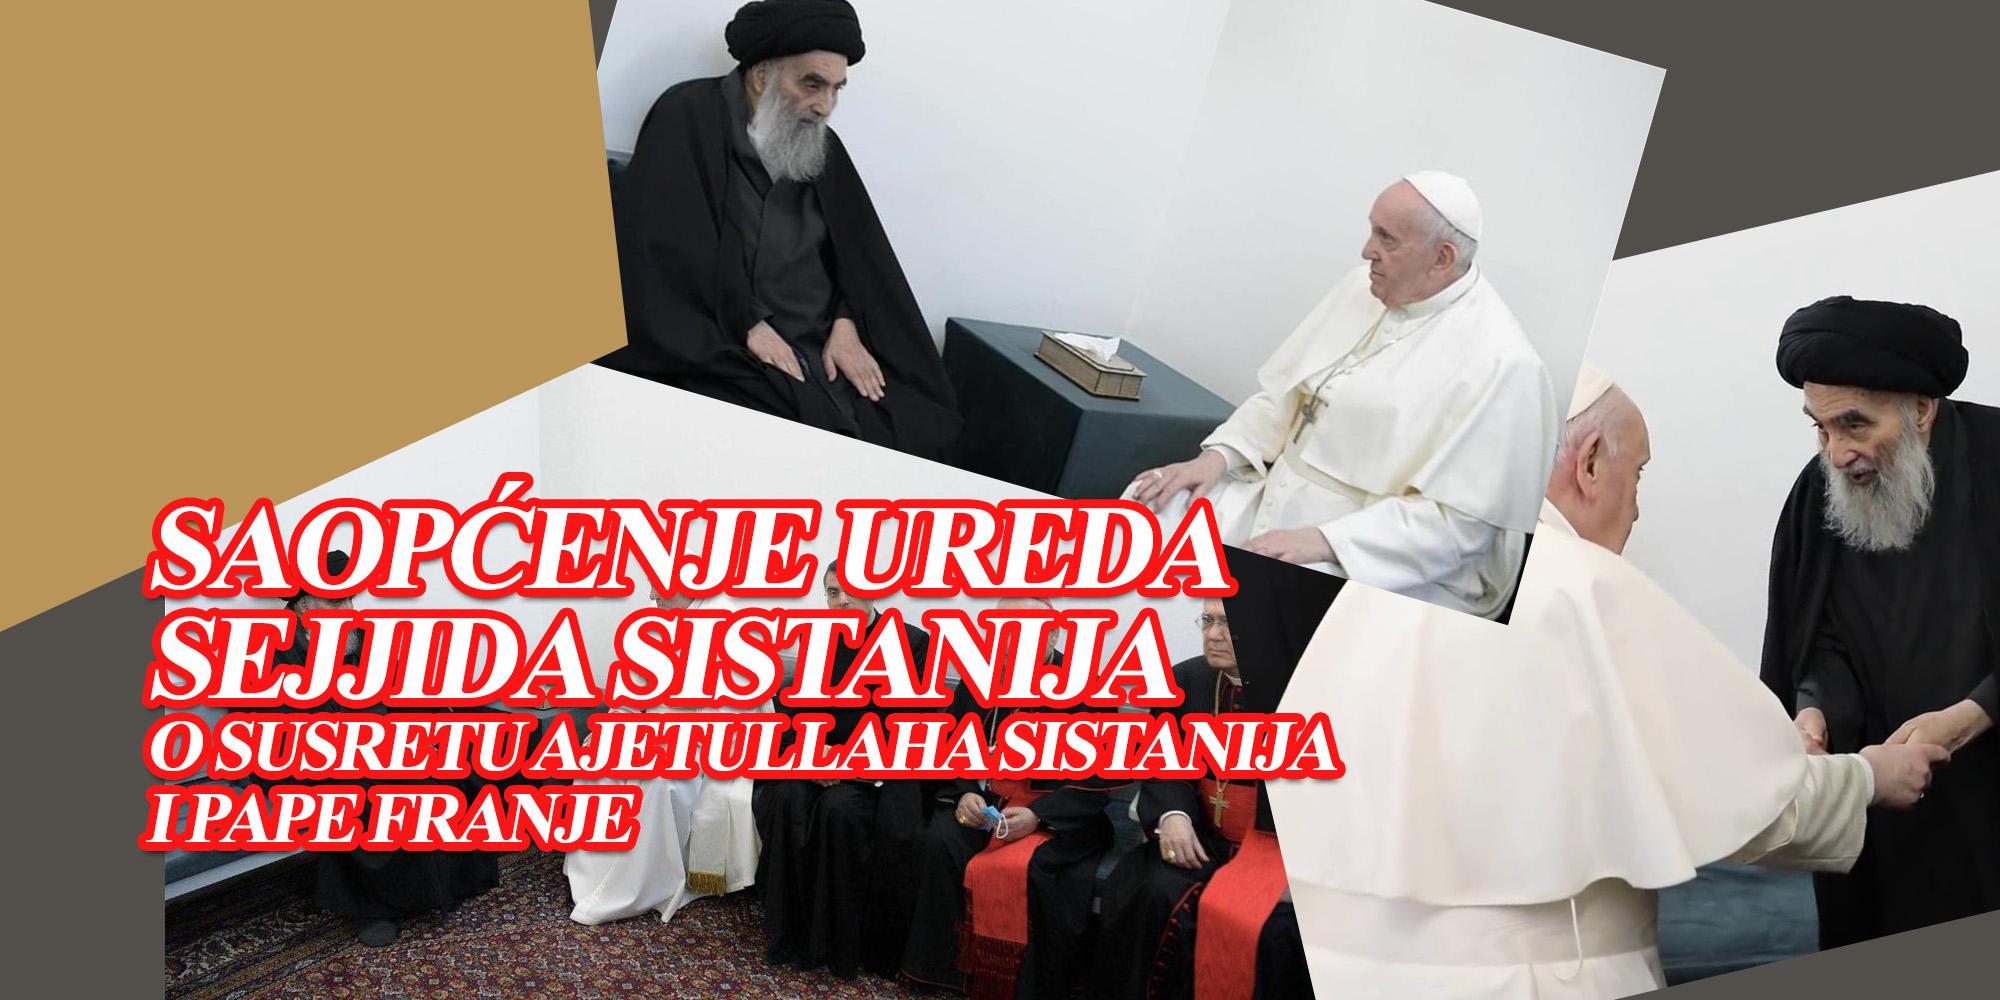 Saopćenje ureda sejjida Sistanija o susretu ajetullaha Sistanija i pape Franje